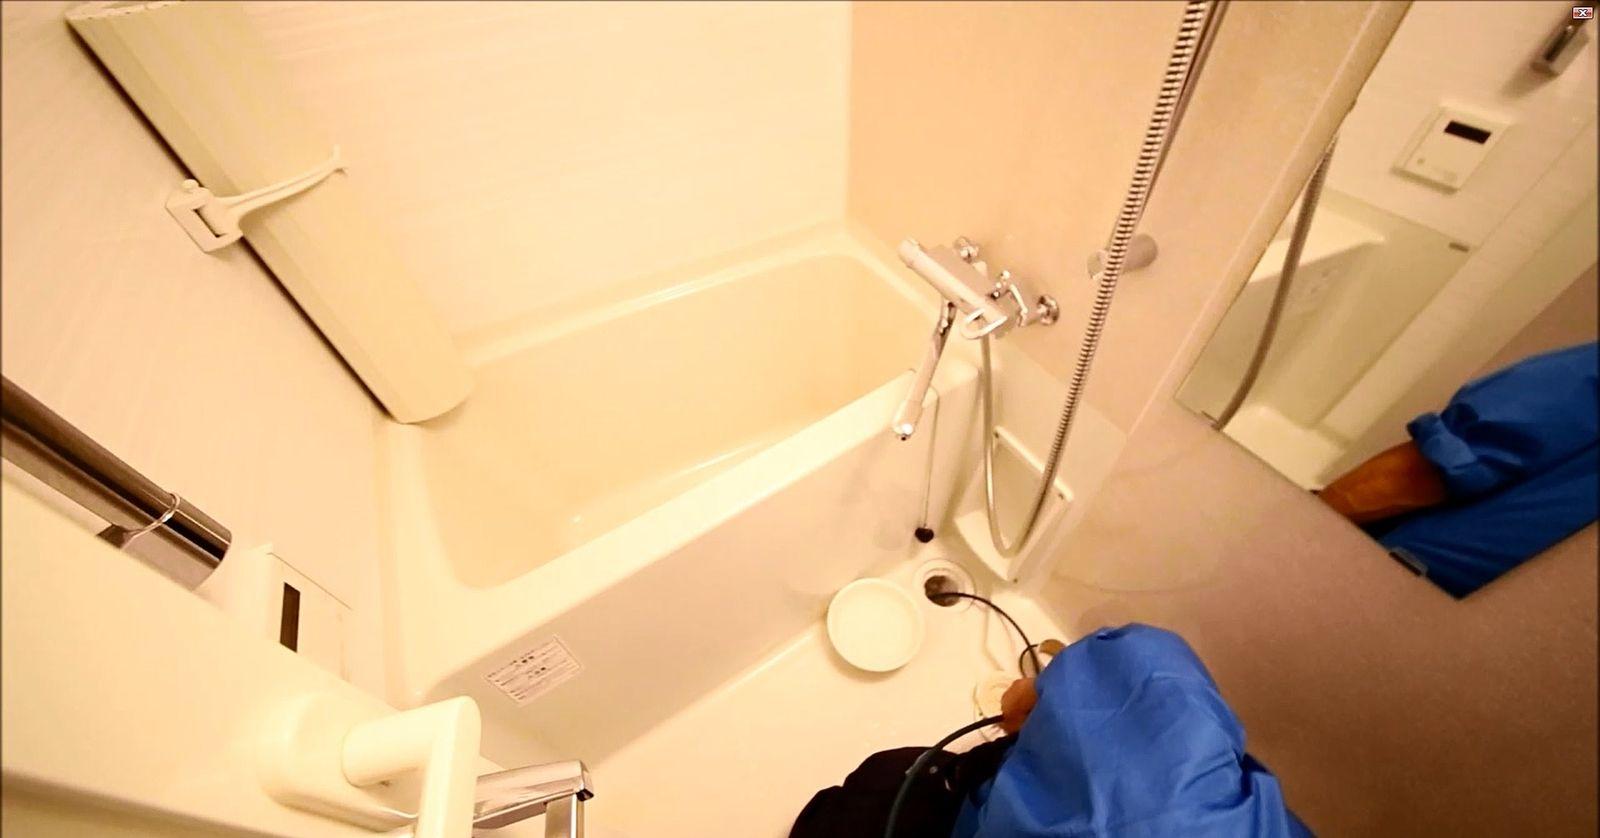 賃貸物件の排水管清掃(高圧洗浄)しました。